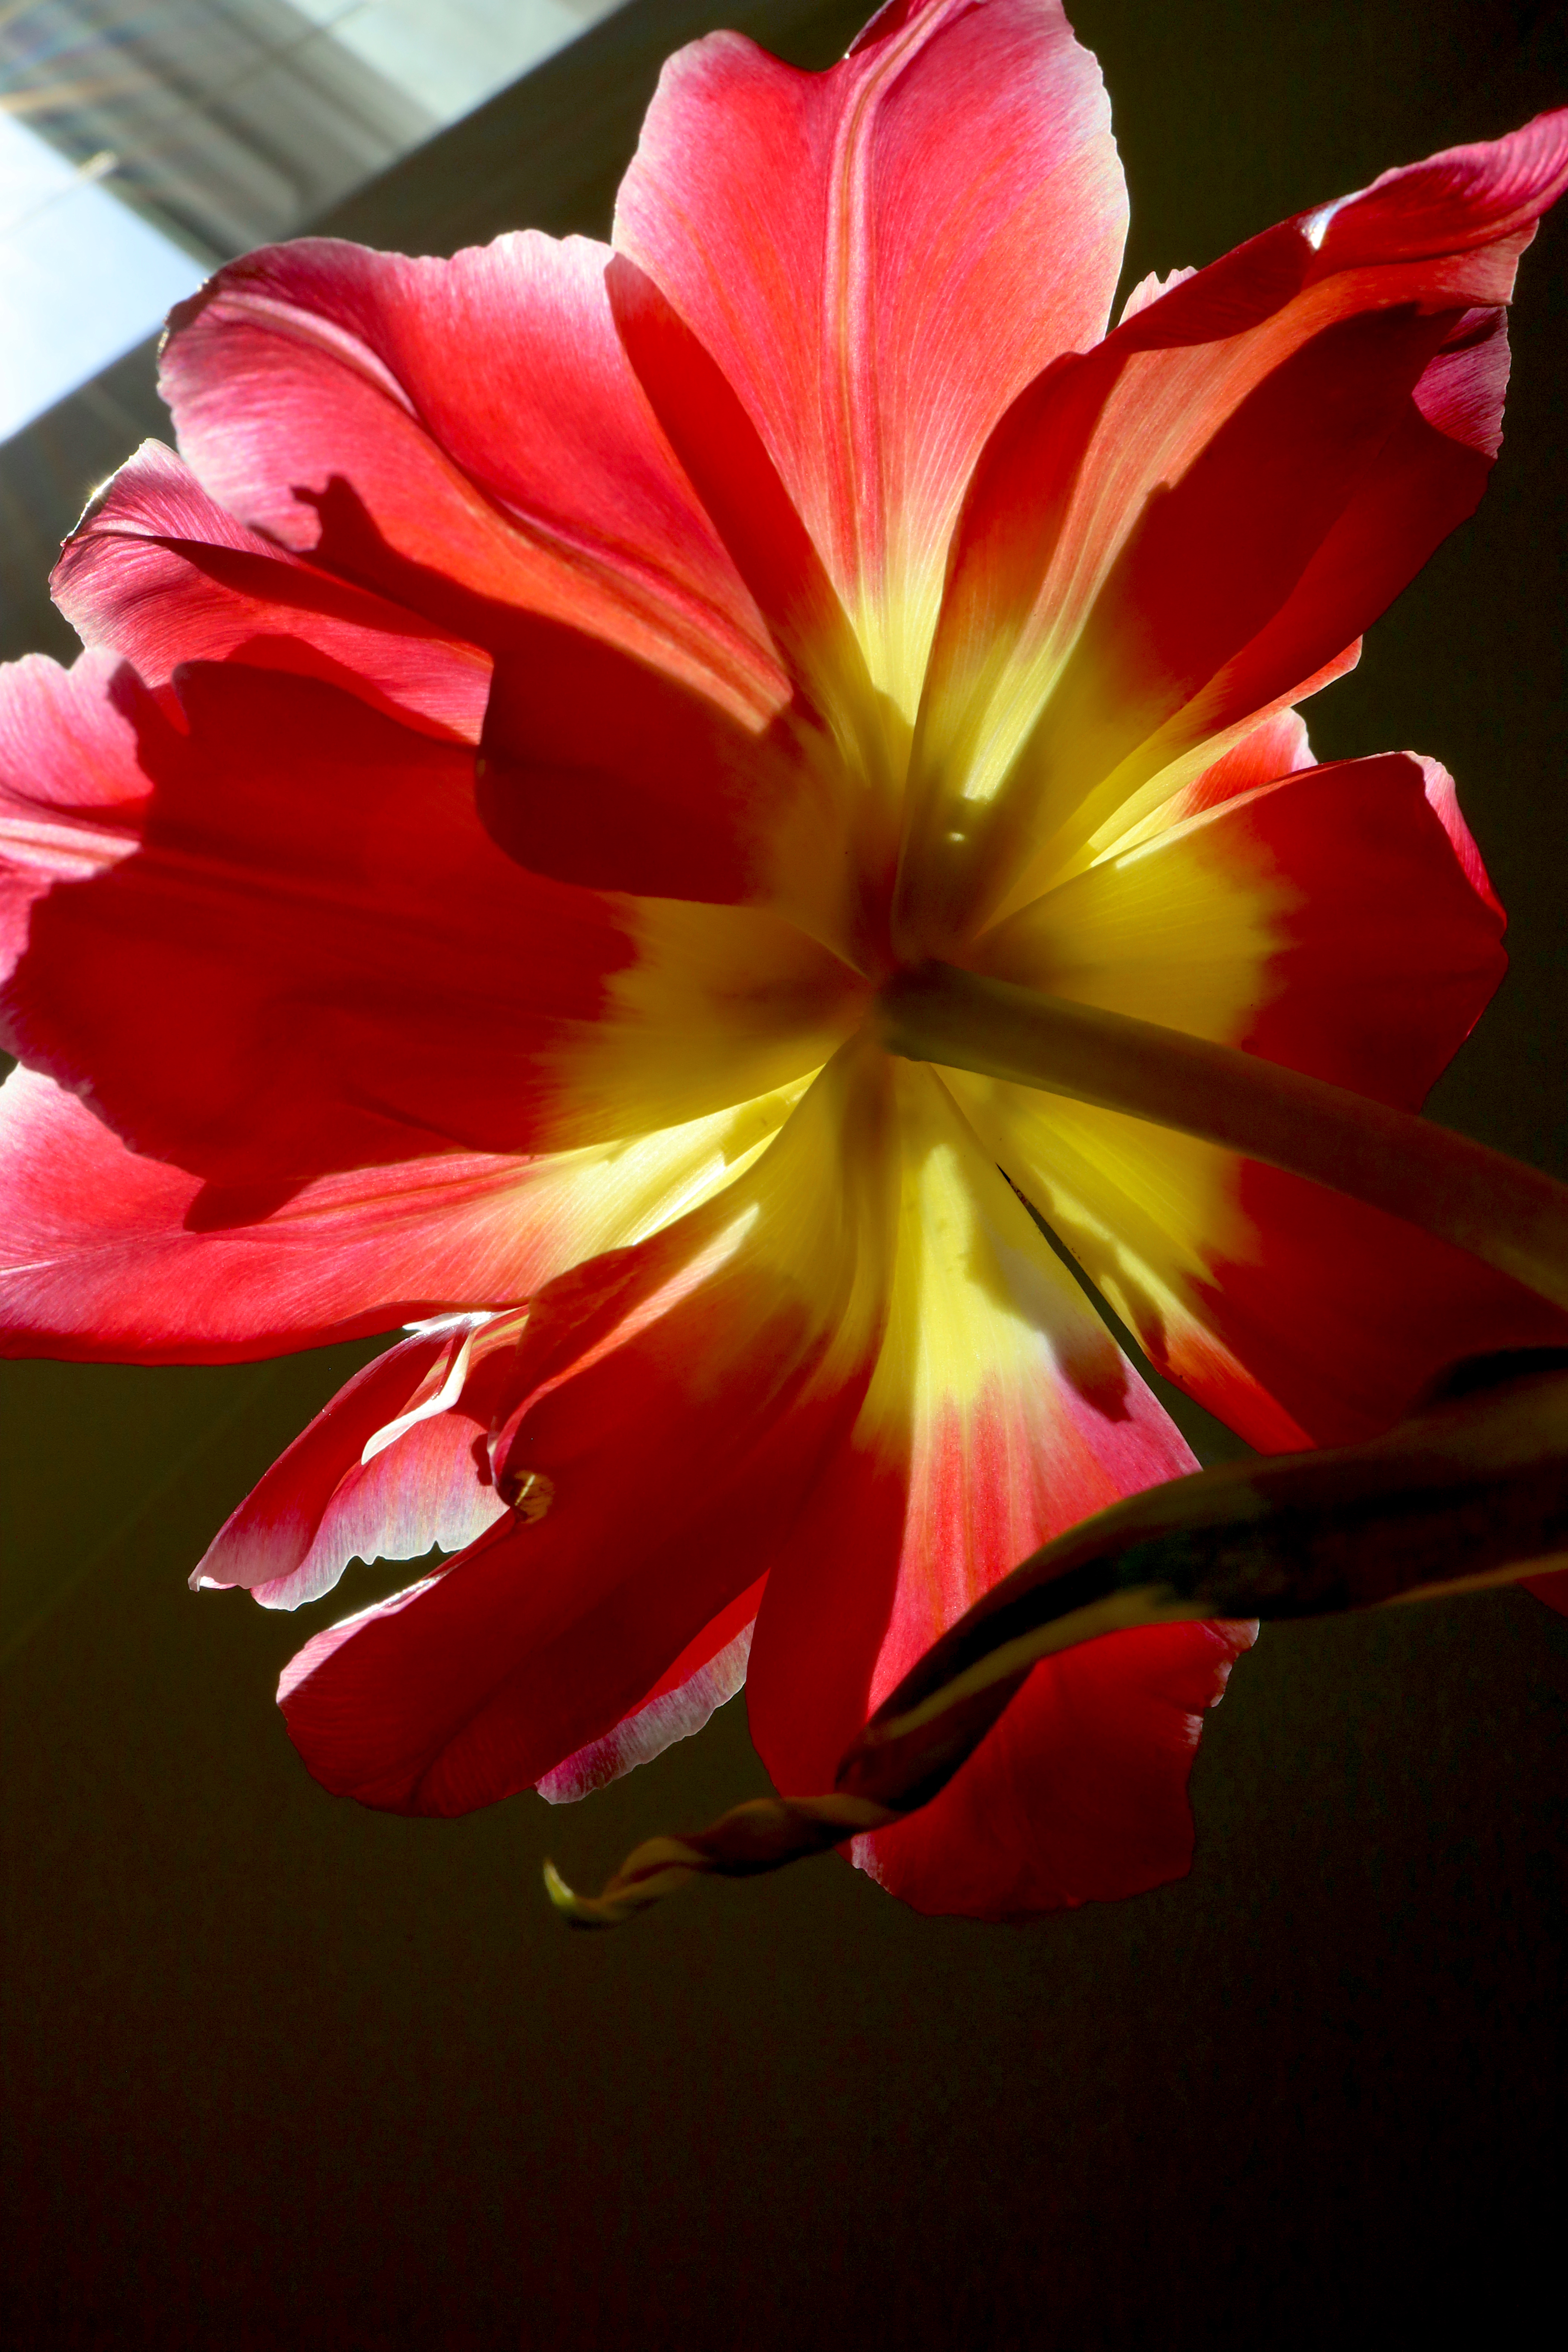 tulip full